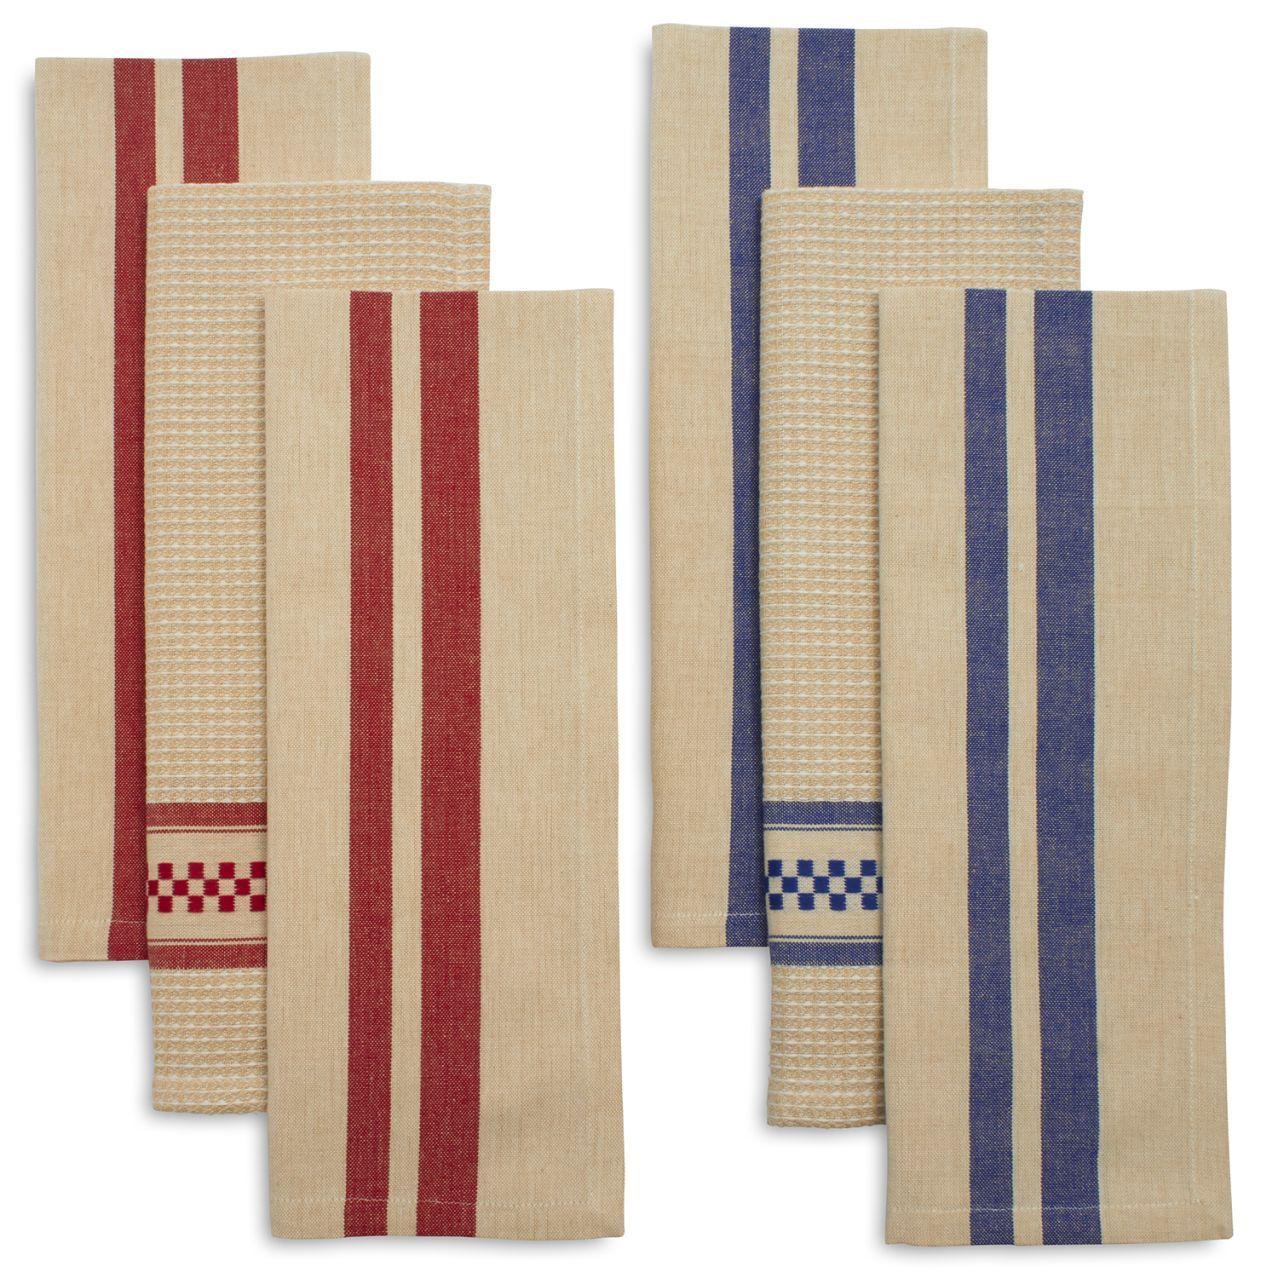 Sainte-Germaine Striped Kitchen Towels, Set of 3 | Sur La Table